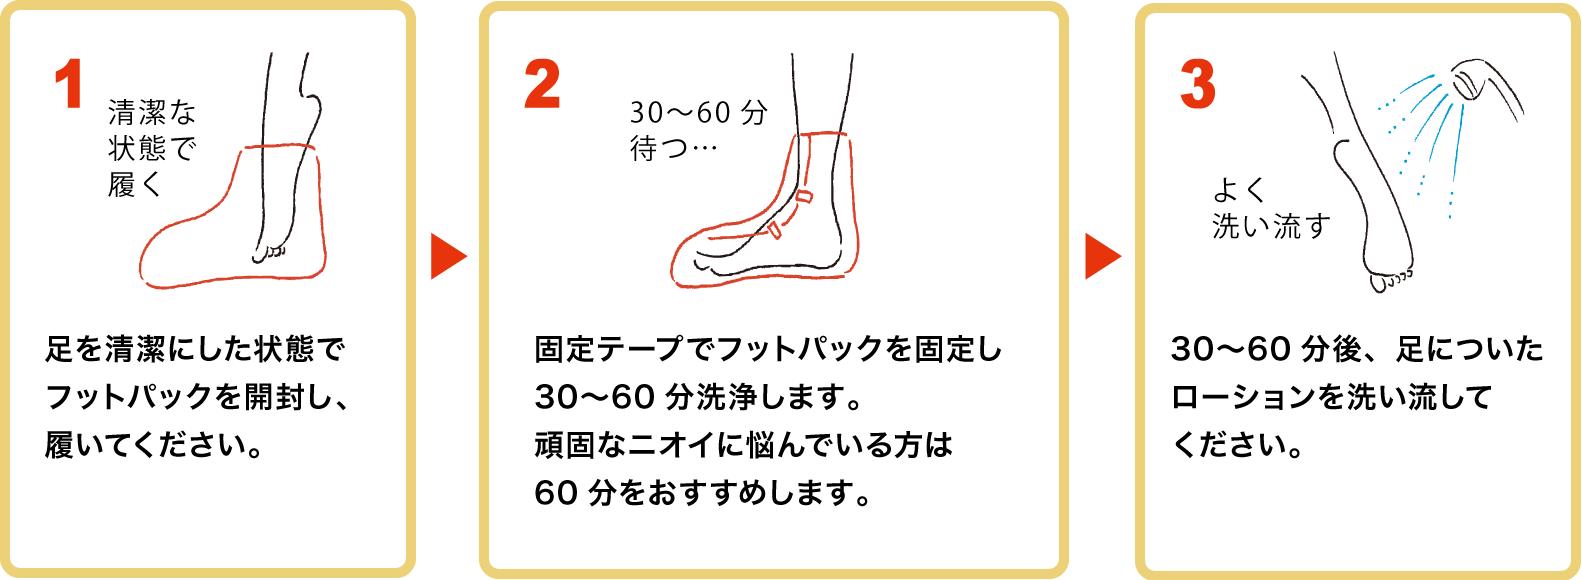 1.足を清潔にした状態でフットパックを開封し、履いてください。 2.固定テープでフットパックを固定し30〜60分洗浄します。頑固なニオイに悩んでいる方は60分をおすすめします。 3.30〜60分後、足についたローションを洗い流してください。